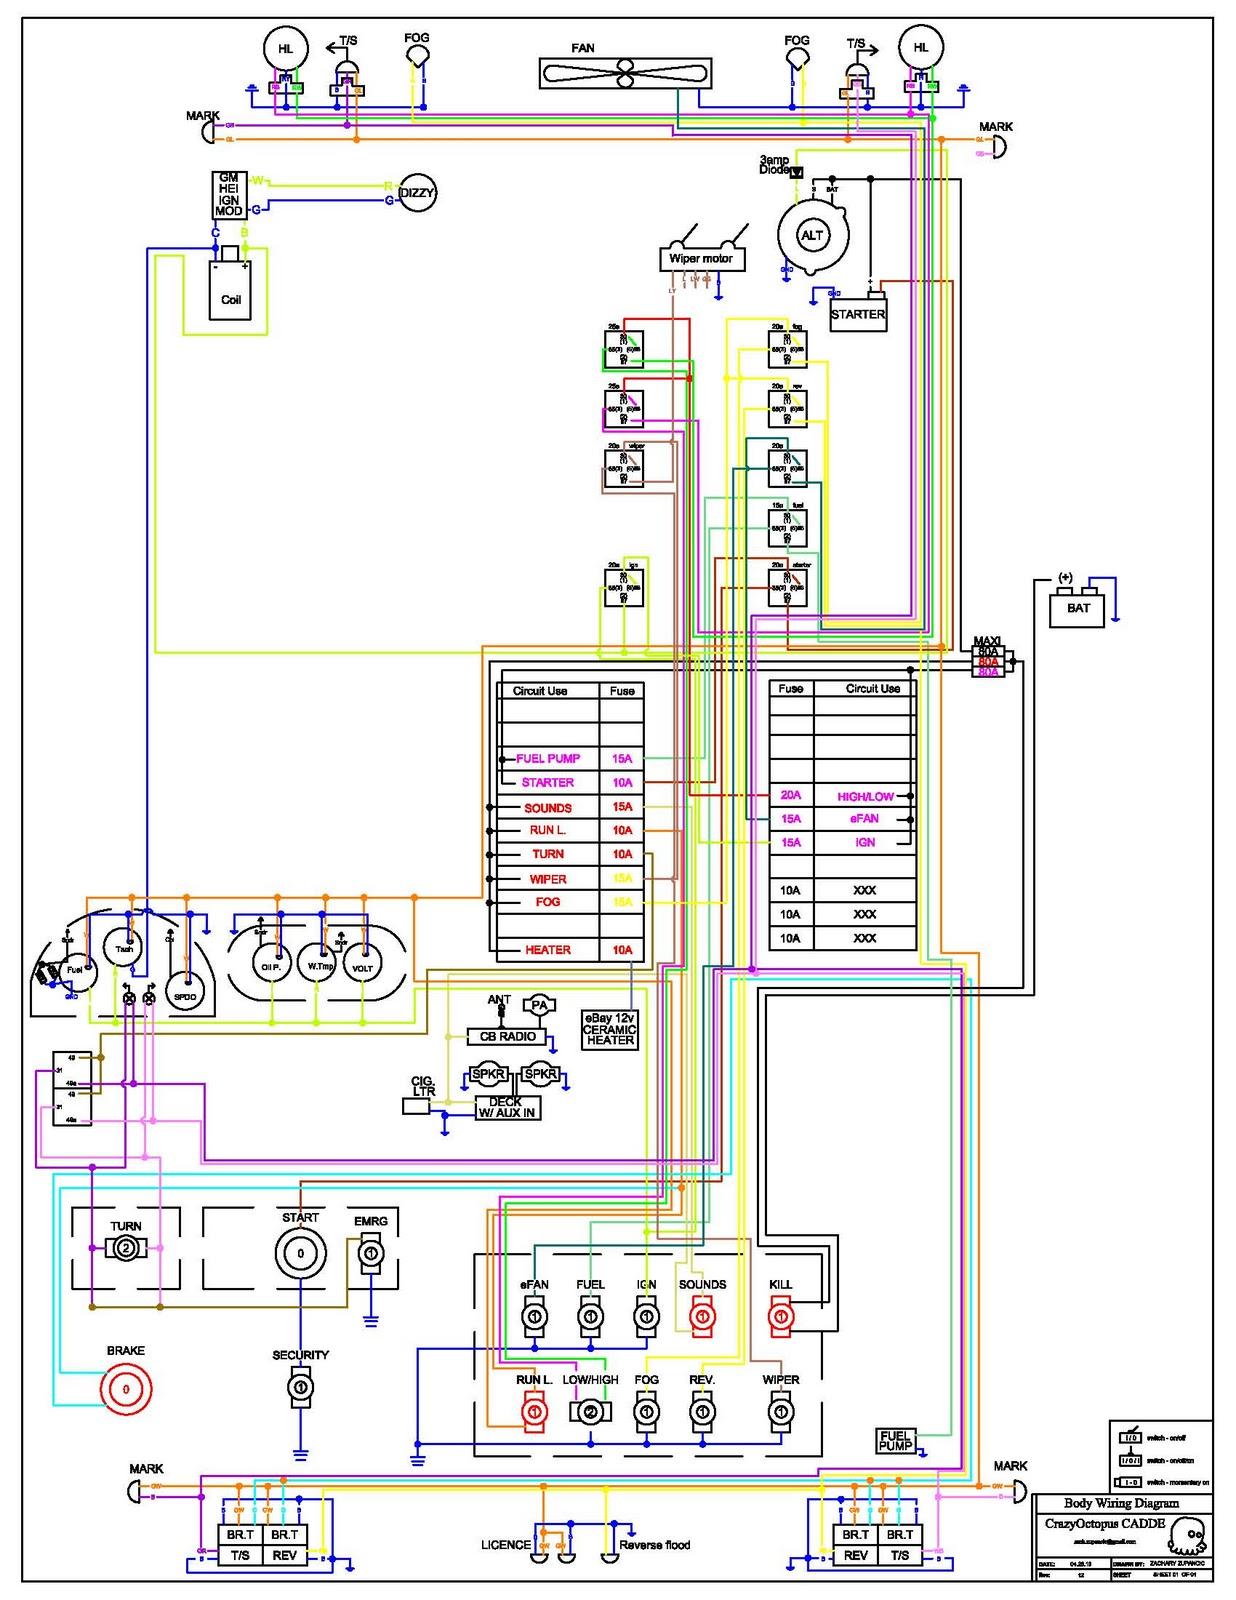 My 240Z: Wiring